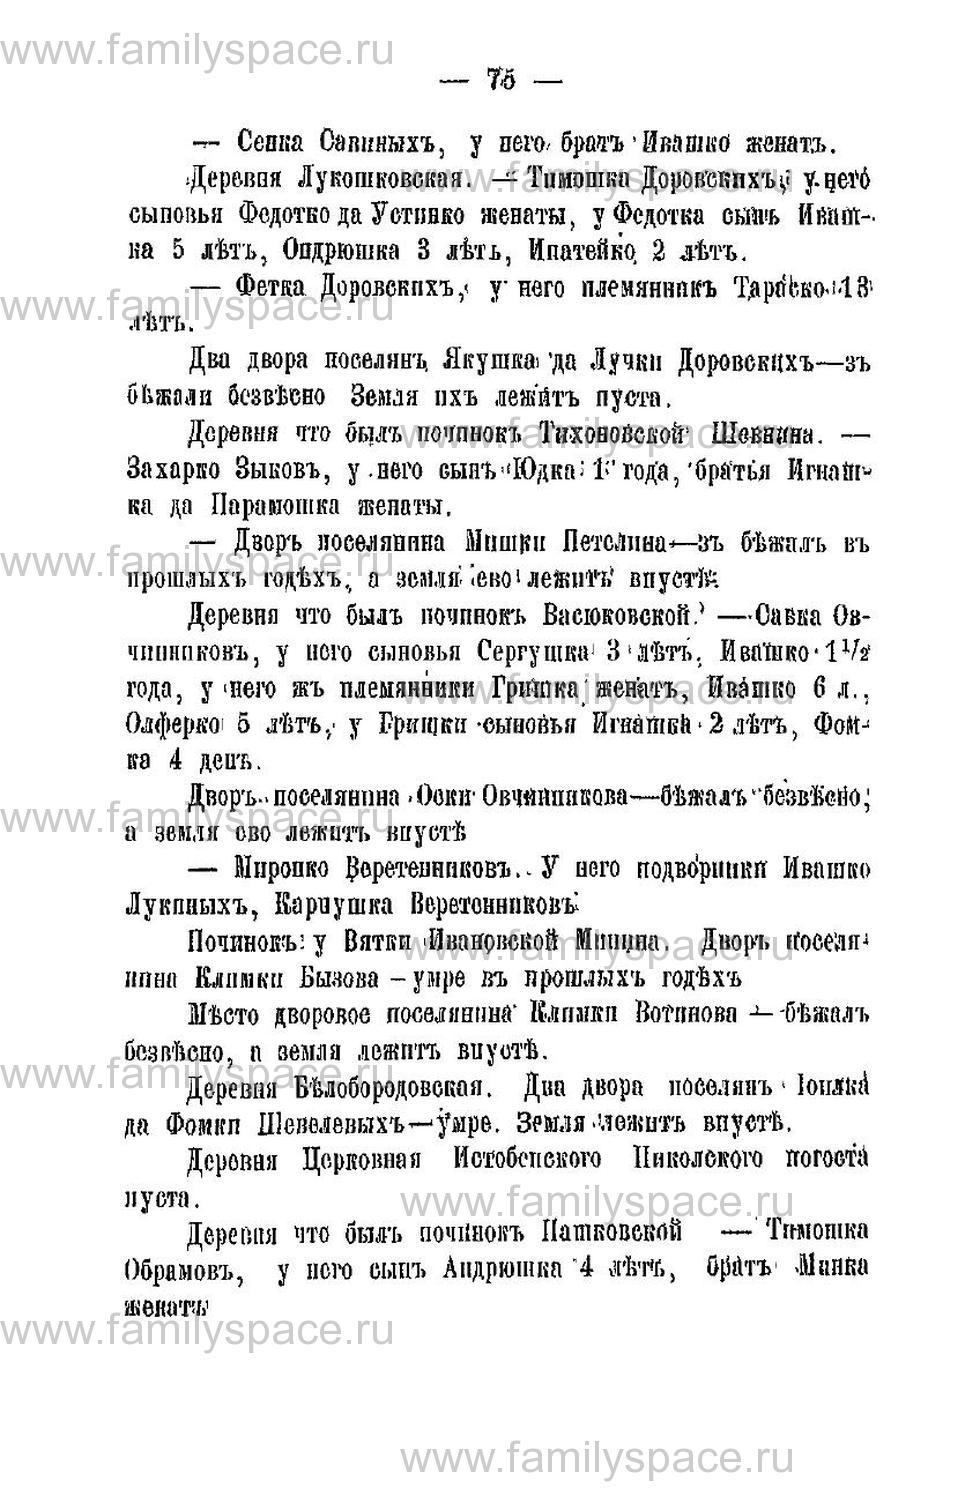 Поиск по фамилии - Переписная книга Орлова и волостей 1678 г, страница 71